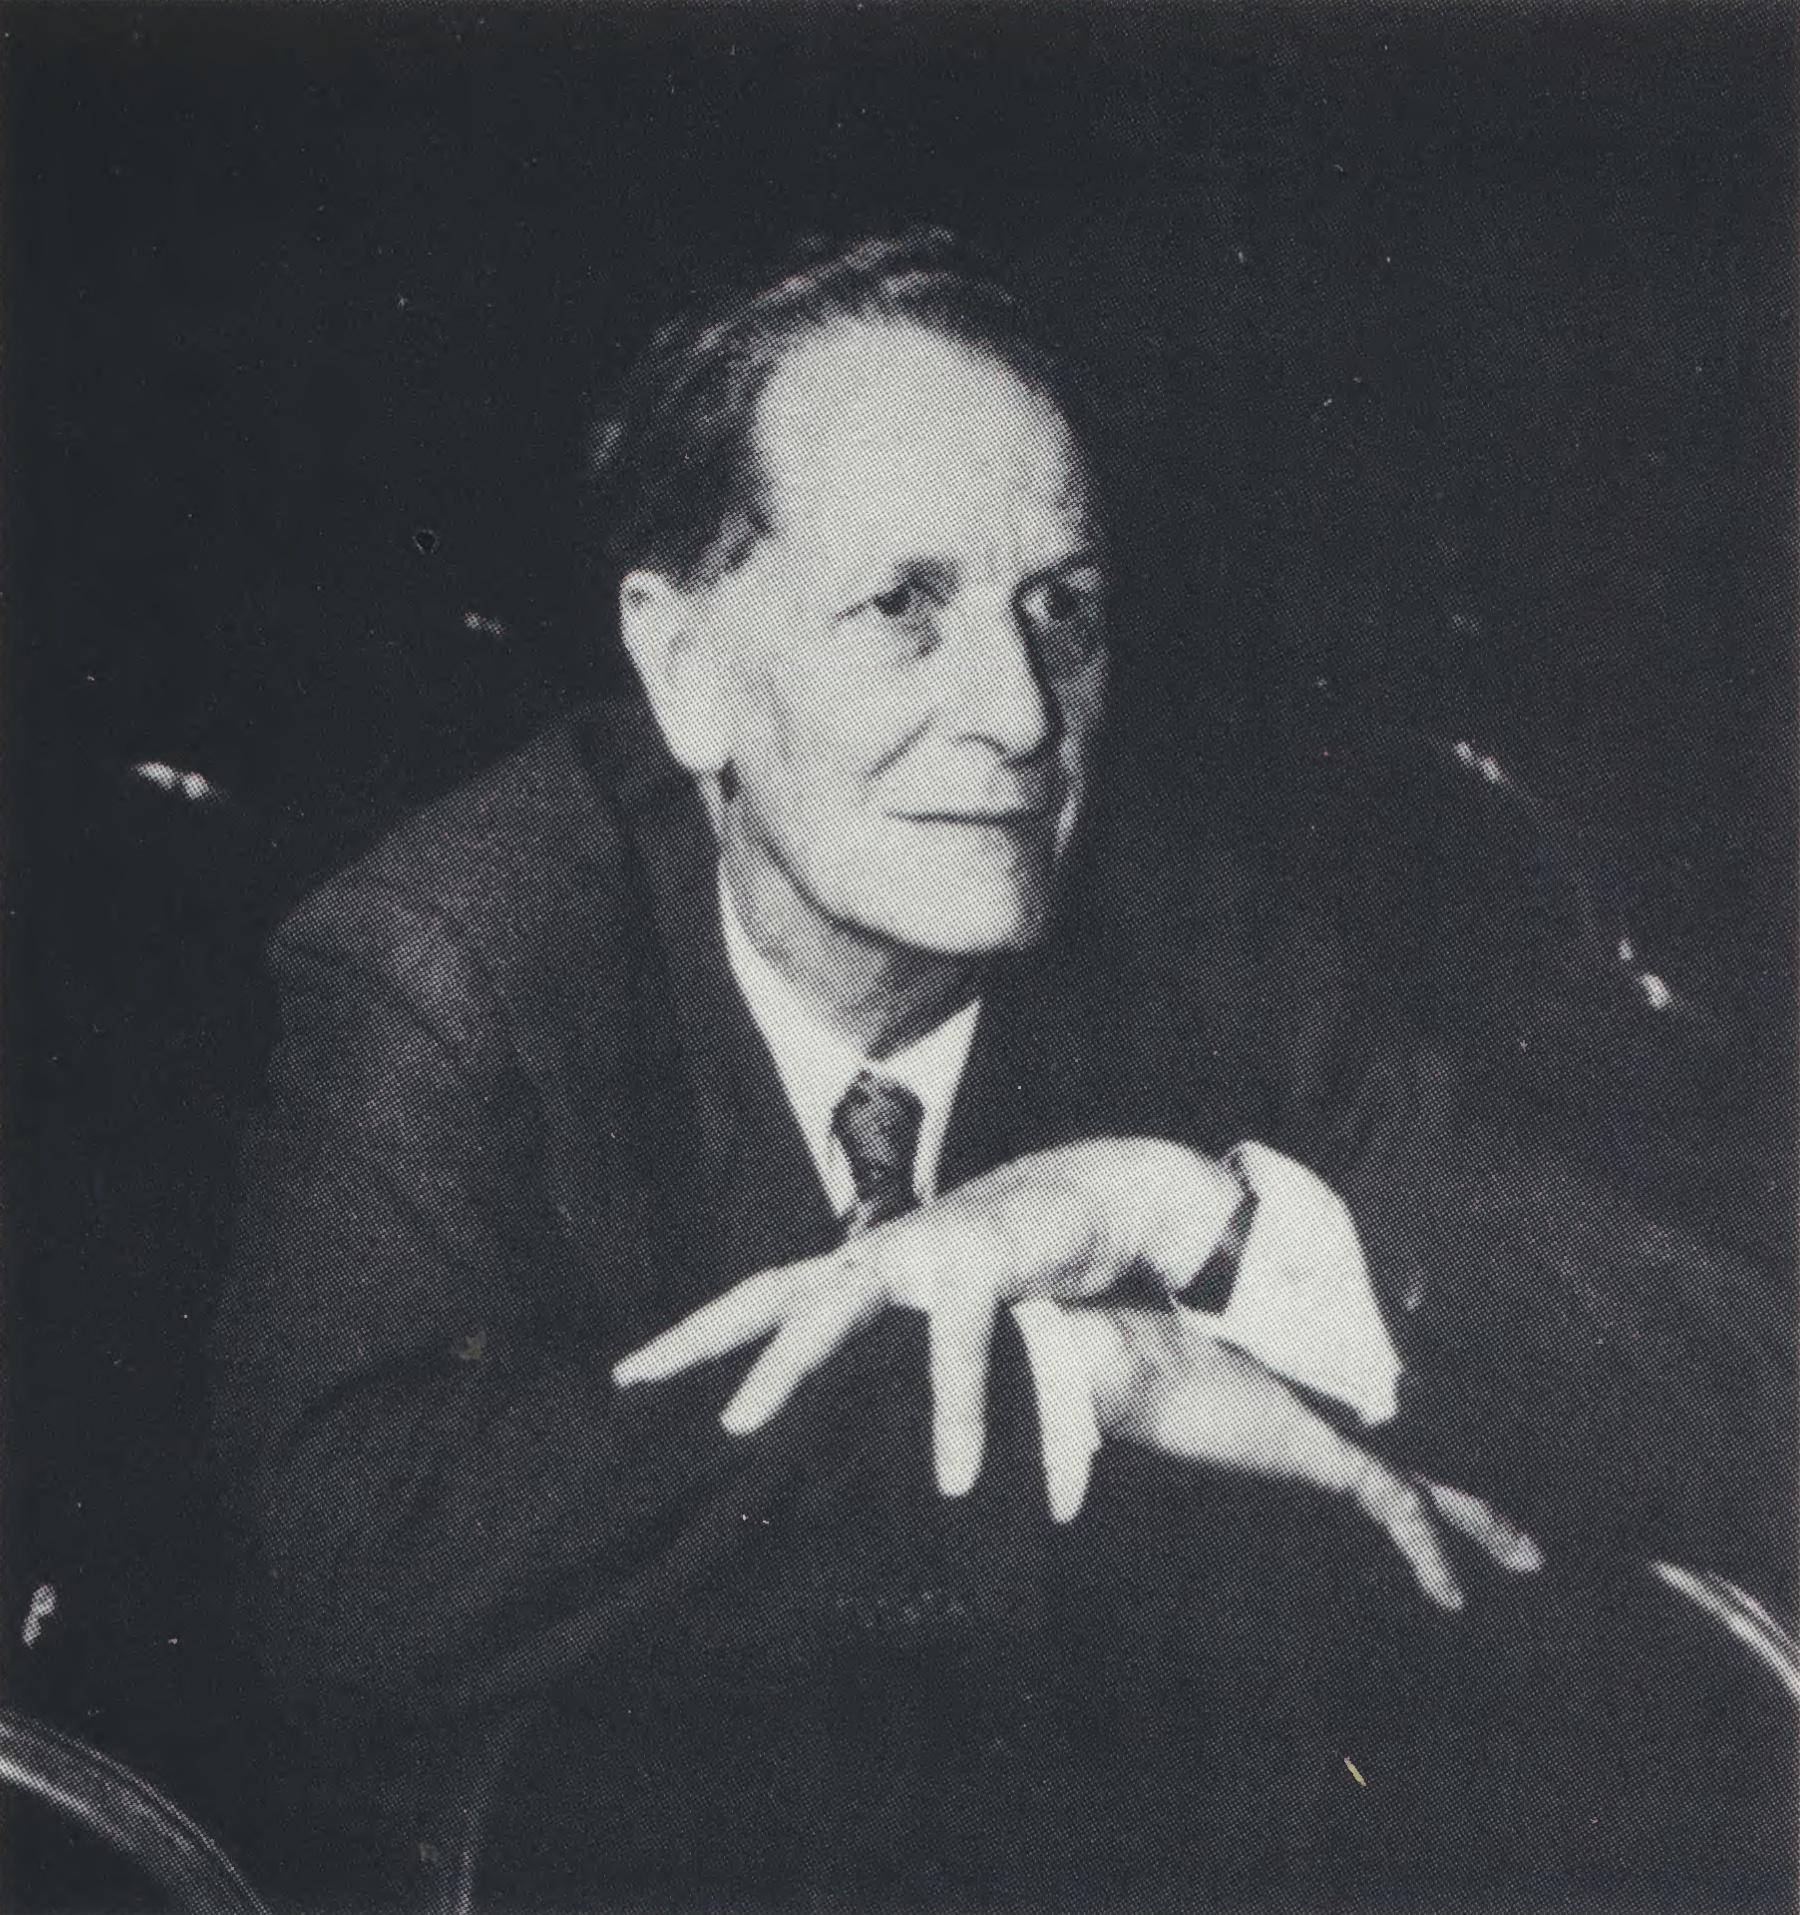 Frank MARTIN, photographe, date et lieu inconnus